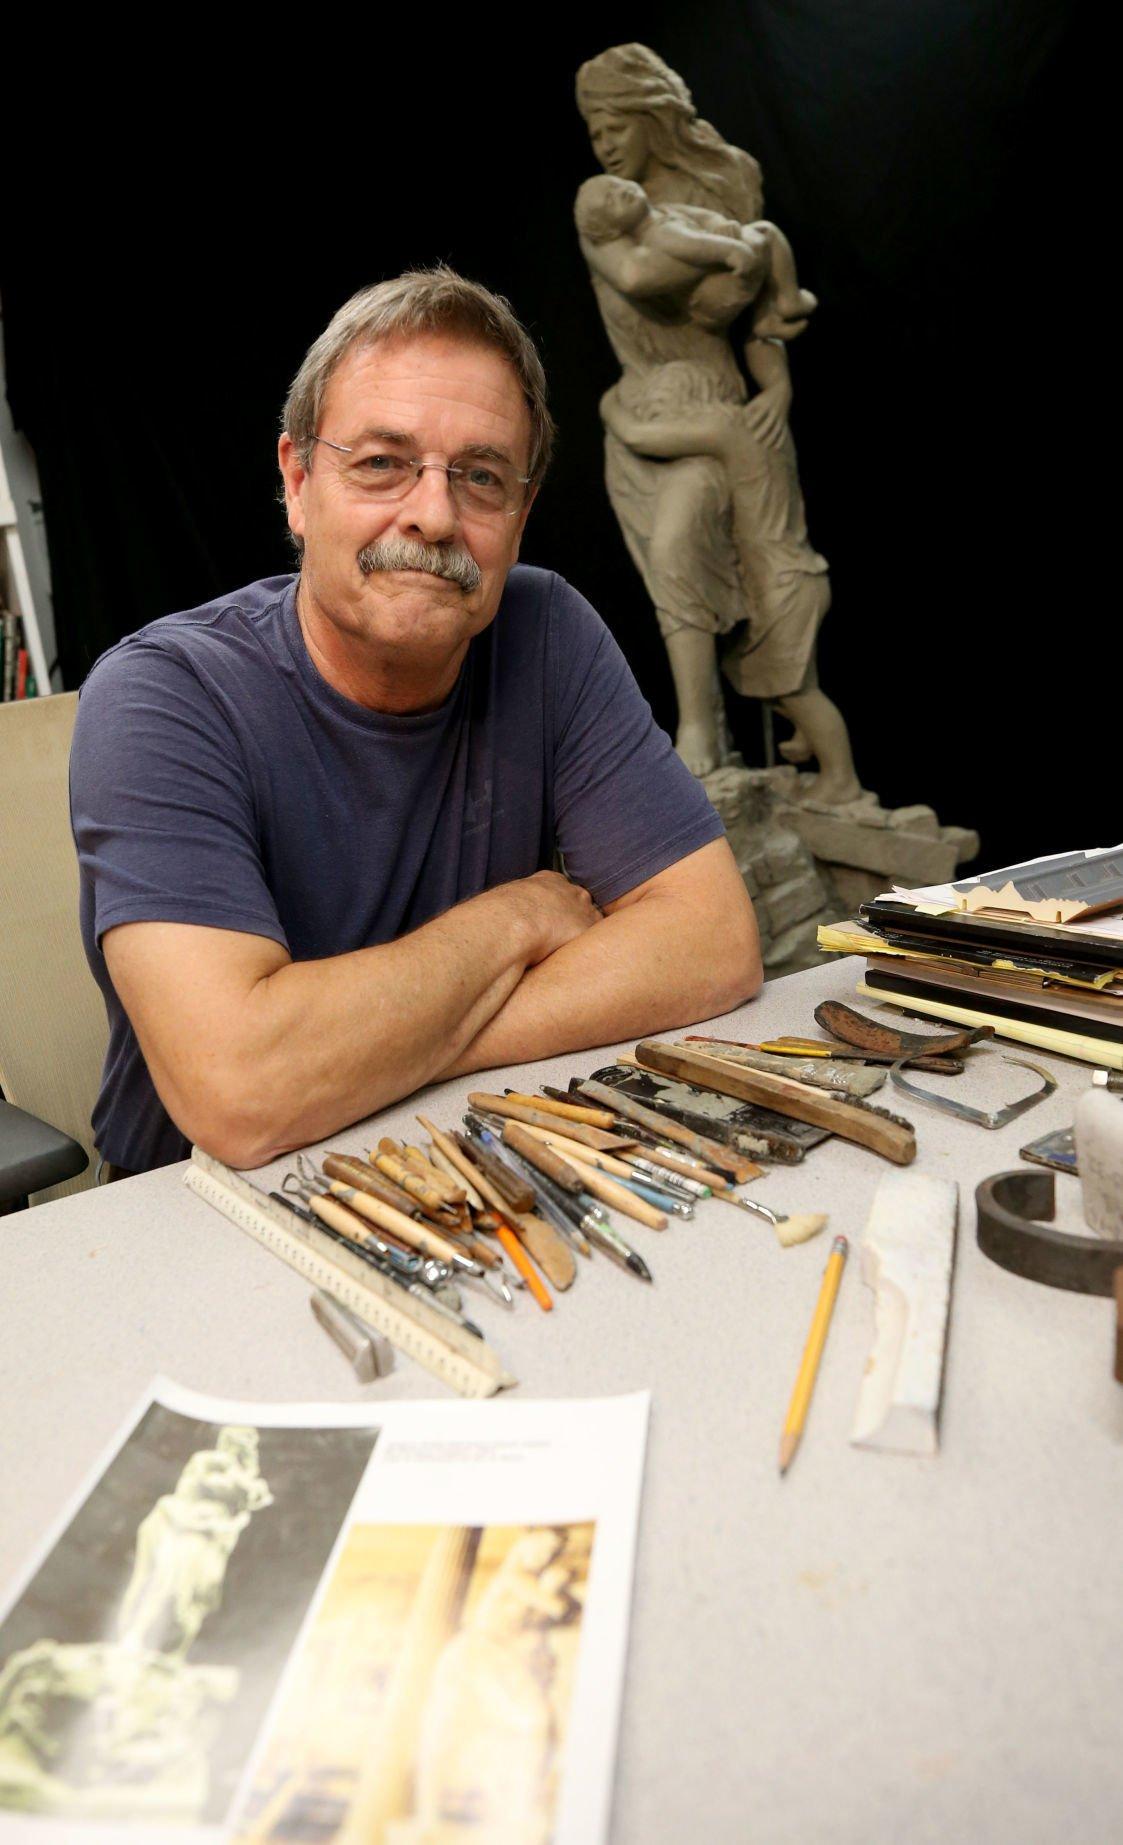 Island scuptor re-creating lost Coppini statue